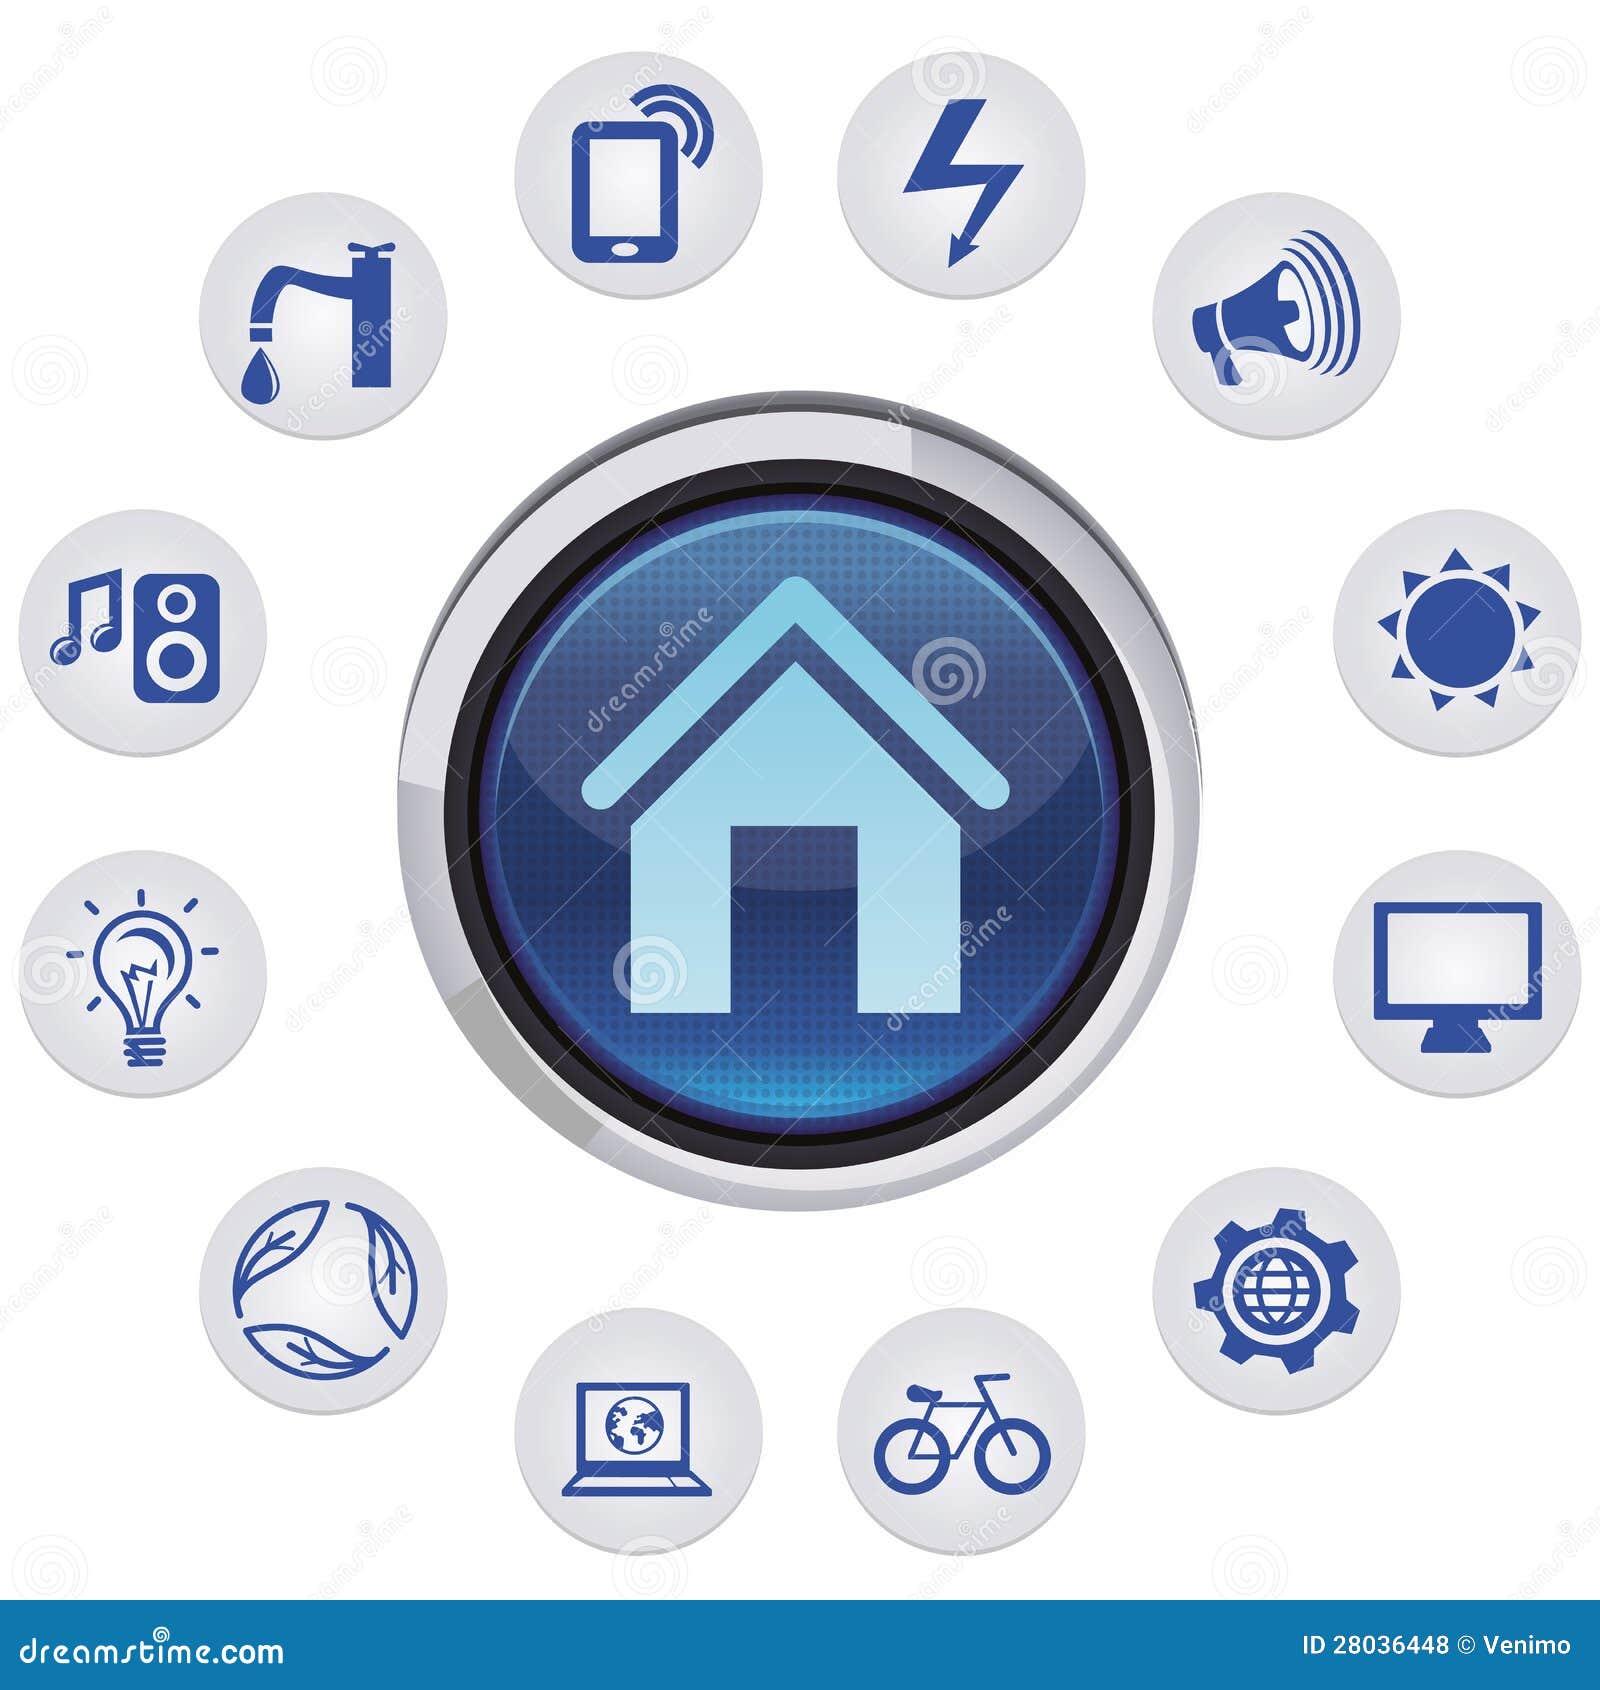 Home Automation Logo Design Vector Smart House Concept Royalty Free Stock Photos